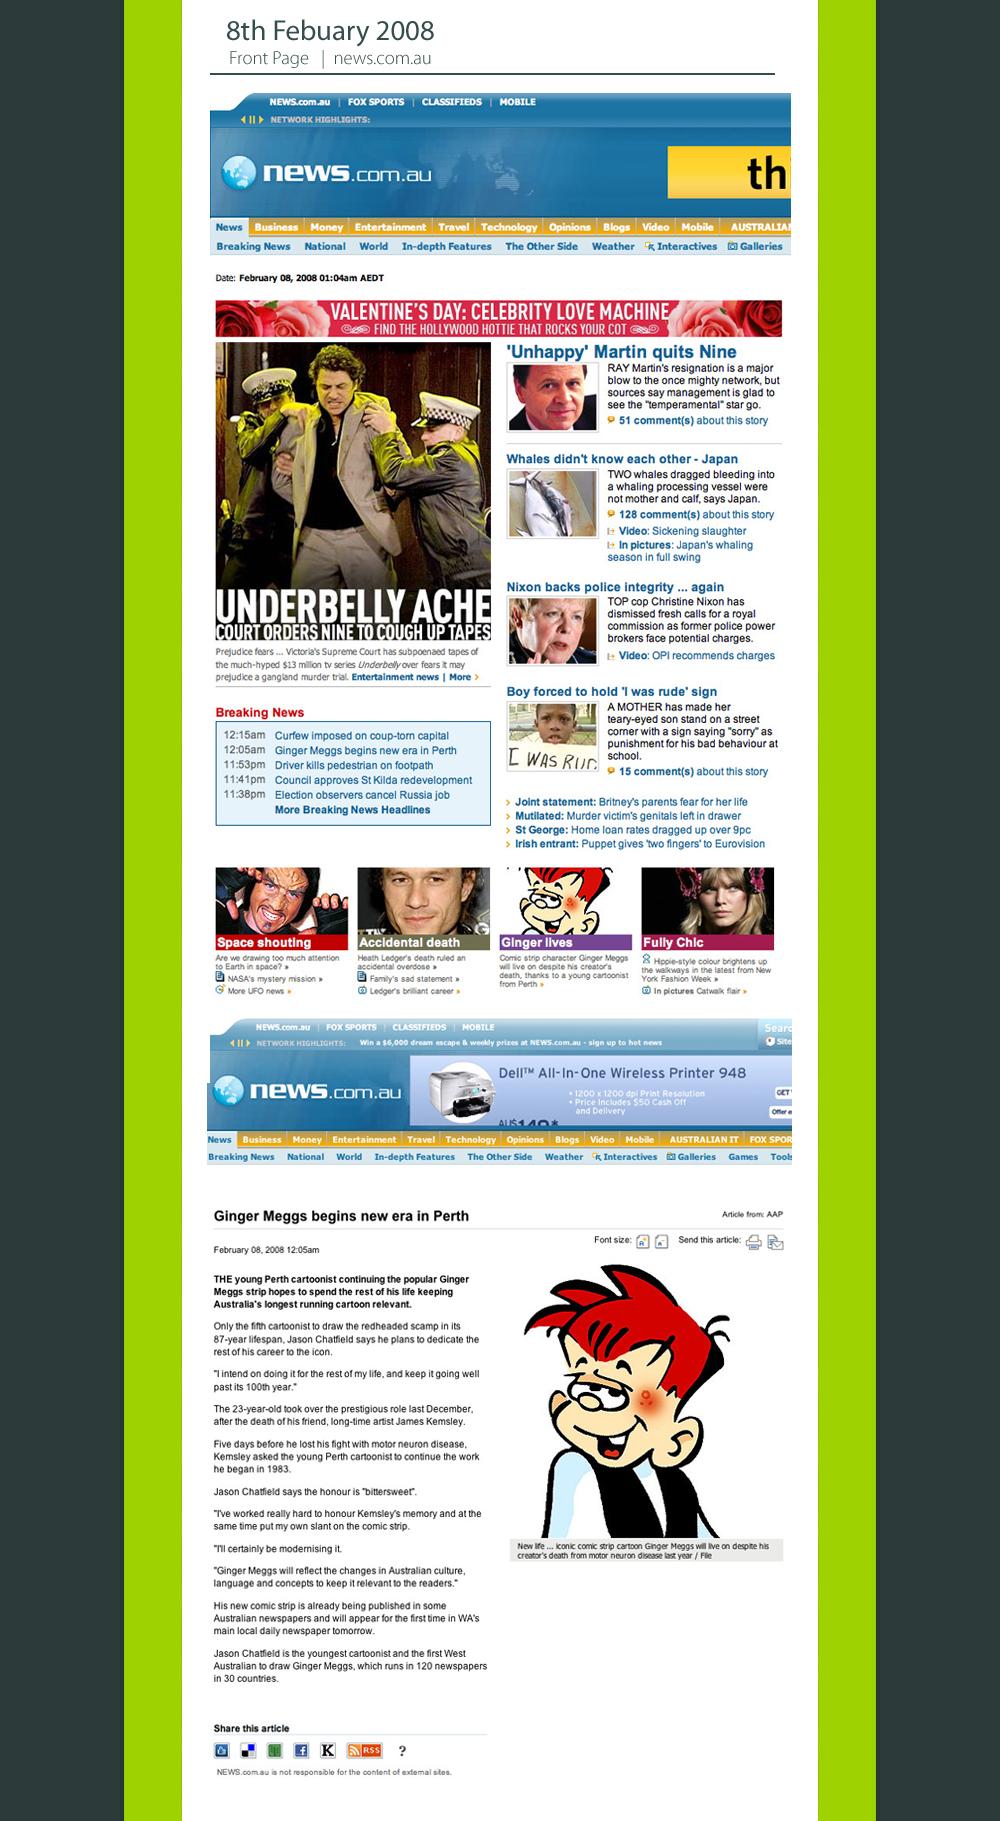 20080208_news_com_au.jpg